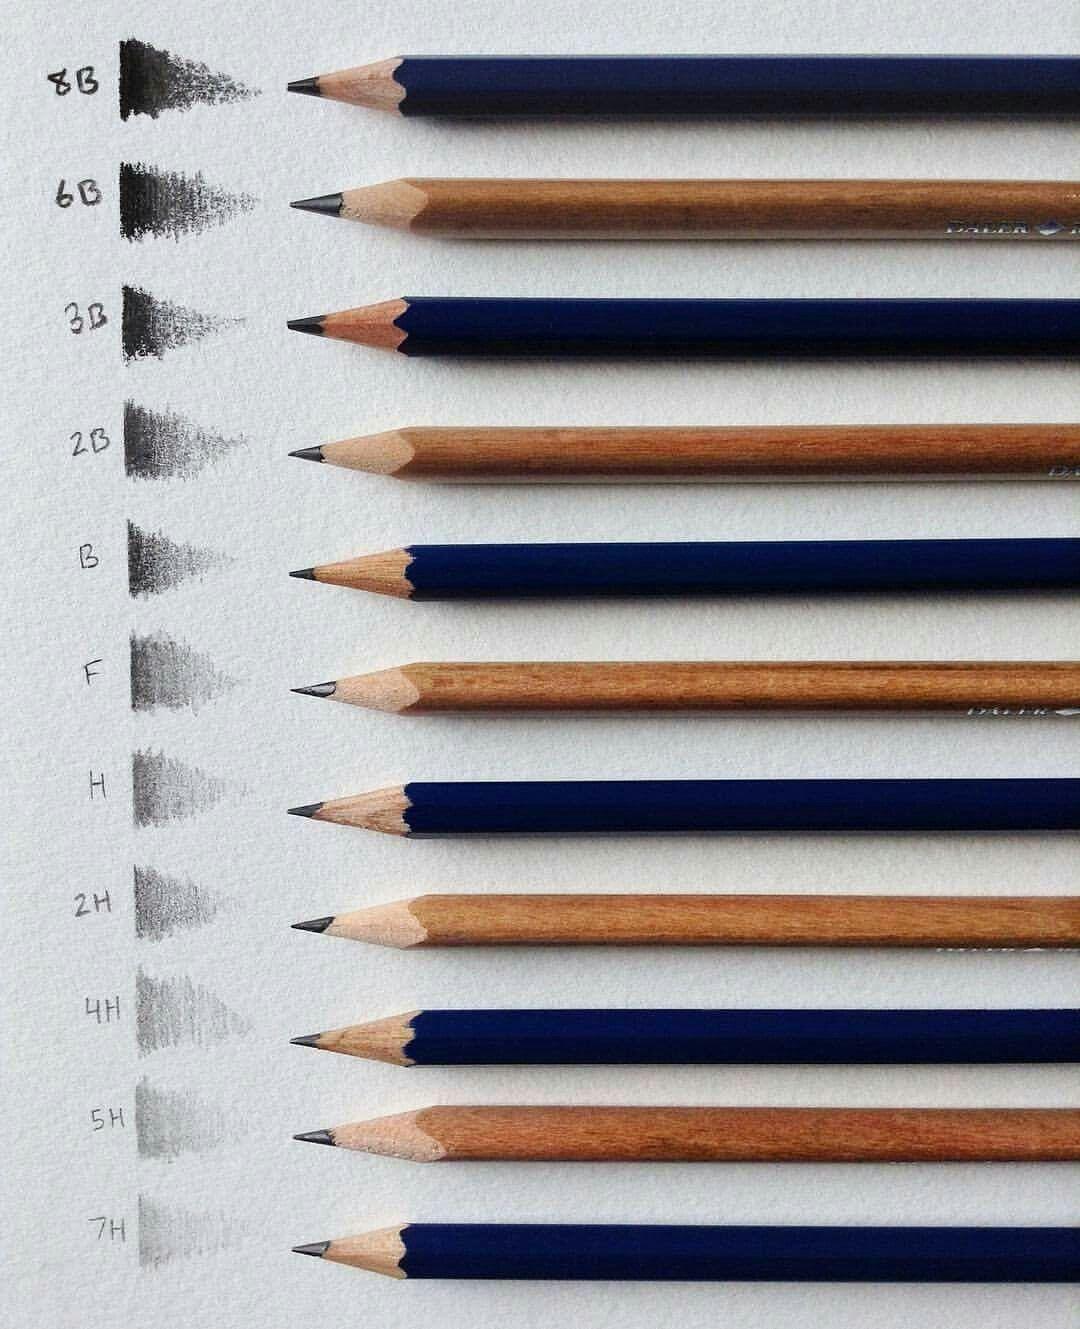 Lapices Para Dibujar Lapices De Dibujo Lapices Para Dibujar Materiales De Arte